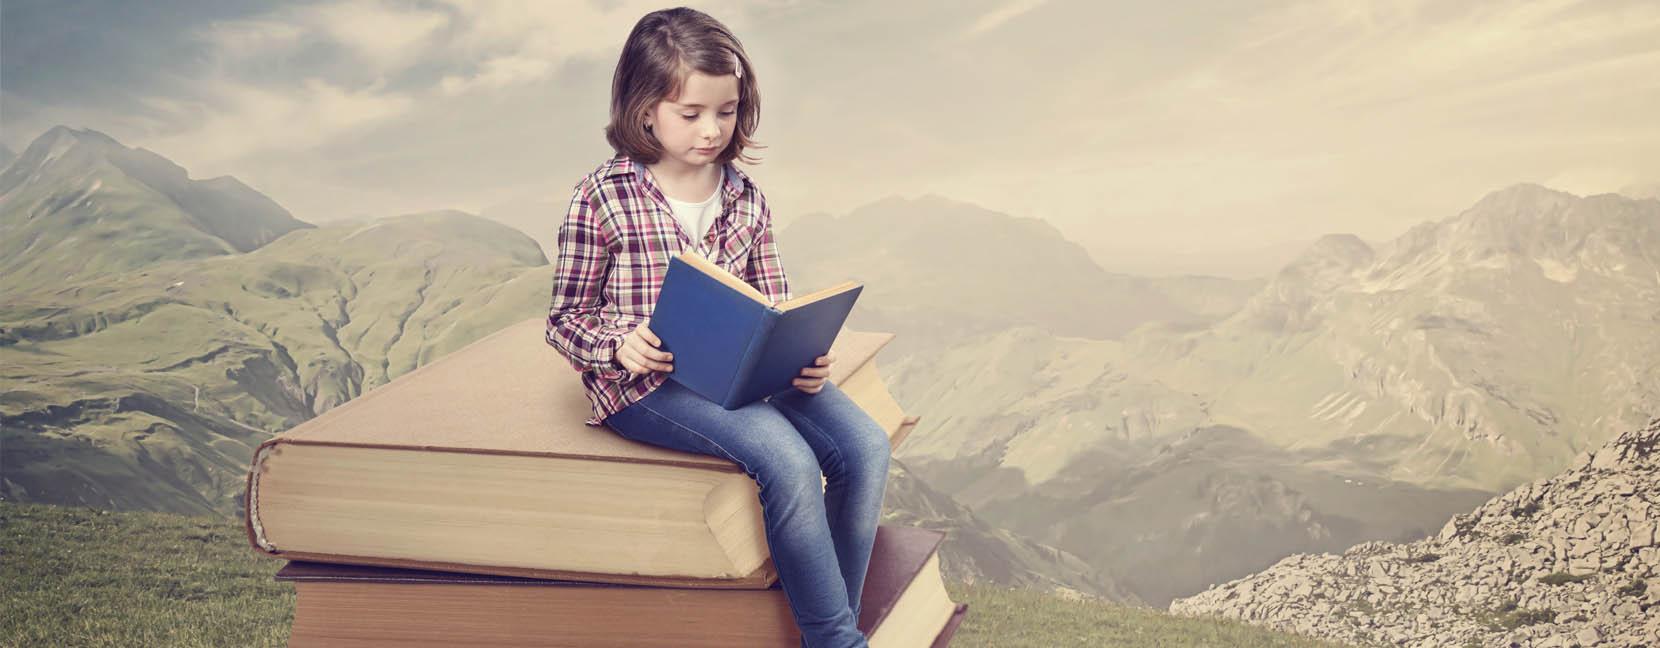 Bambina legge un libro seduta su una pila di libri giganti